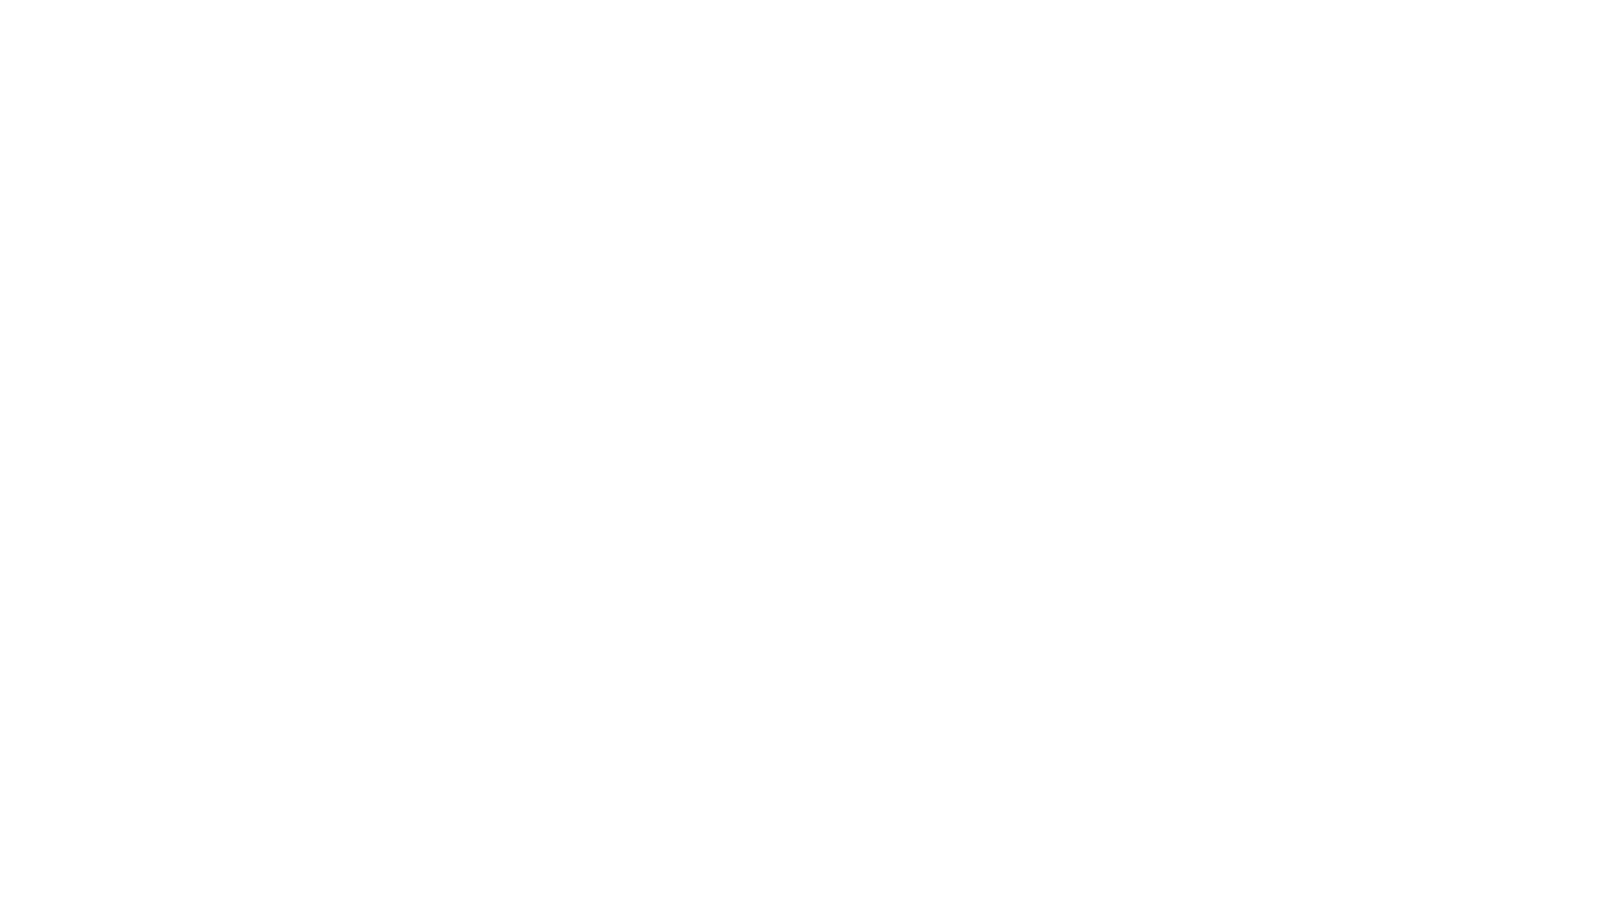 Dopo averci iniziato all'utile inutilità del latino, Nicola Gardini volge ora lo sguardo alla madre ideale di tutti noi e ci accompagna alla scoperta di una lingua di infinita ricchezza, fitta di contrasti e di parallelismi, costruita sul confronto e sull'antitesi, che ancora può aiutarci a interpretare la complessità dei nostri tempi, invitando a comporre i dissidi in convergenze  La Grecia antica è a un tempo inizio e punto d'arrivo. Nella sua lingua si sono elaborati i fondamenti stessi della nostra civiltà, all'insegna di altissimi ideali come la giustizia e l'amicizia. I racconti eroici di Omero hanno trasmesso un'etica dell'eccellenza; la lirica di Saffo ha rappresentato i travagli e le gioie dell'eros; quella di Pindaro ha esaltato le glorie della competizione atletica; le storie di Erodoto e Tucidide hanno indagato le differenze tra i popoli e i motivi dei conflitti; le tragedie di Eschilo, Sofocle ed Euripide hanno portato in scena il dramma della libertà individuale; le commedie di Aristofane hanno criticato le derive della democrazia e posto in primo piano la formazione dei giovani; i dialoghi di Platone hanno dato voce alle ambivalenze del reale; i discorsi di Demostene hanno insegnato a difendere la libertà dalle sopraffazioni più temibili...    Hanno scritto di Viva il latino   «La lingua che non parliamo più, ma che ancora ci parla. Un libro da leggere per capire chi siamo.» Eva Cantarella   «L'inno al latino scritto da Nicola Gardini è da mettere sullo scaffale accanto alle Lezioni di letteratura di Nabokov.» Jhumpa Lahiri   «Un libro che in nome di una lingua non separa ma unisce nel profondo l'umanità.» Vivian Lamarque, «Corriere della Sera»   «Bello e intenso.» Salvatore Settis, «la Repubblica»